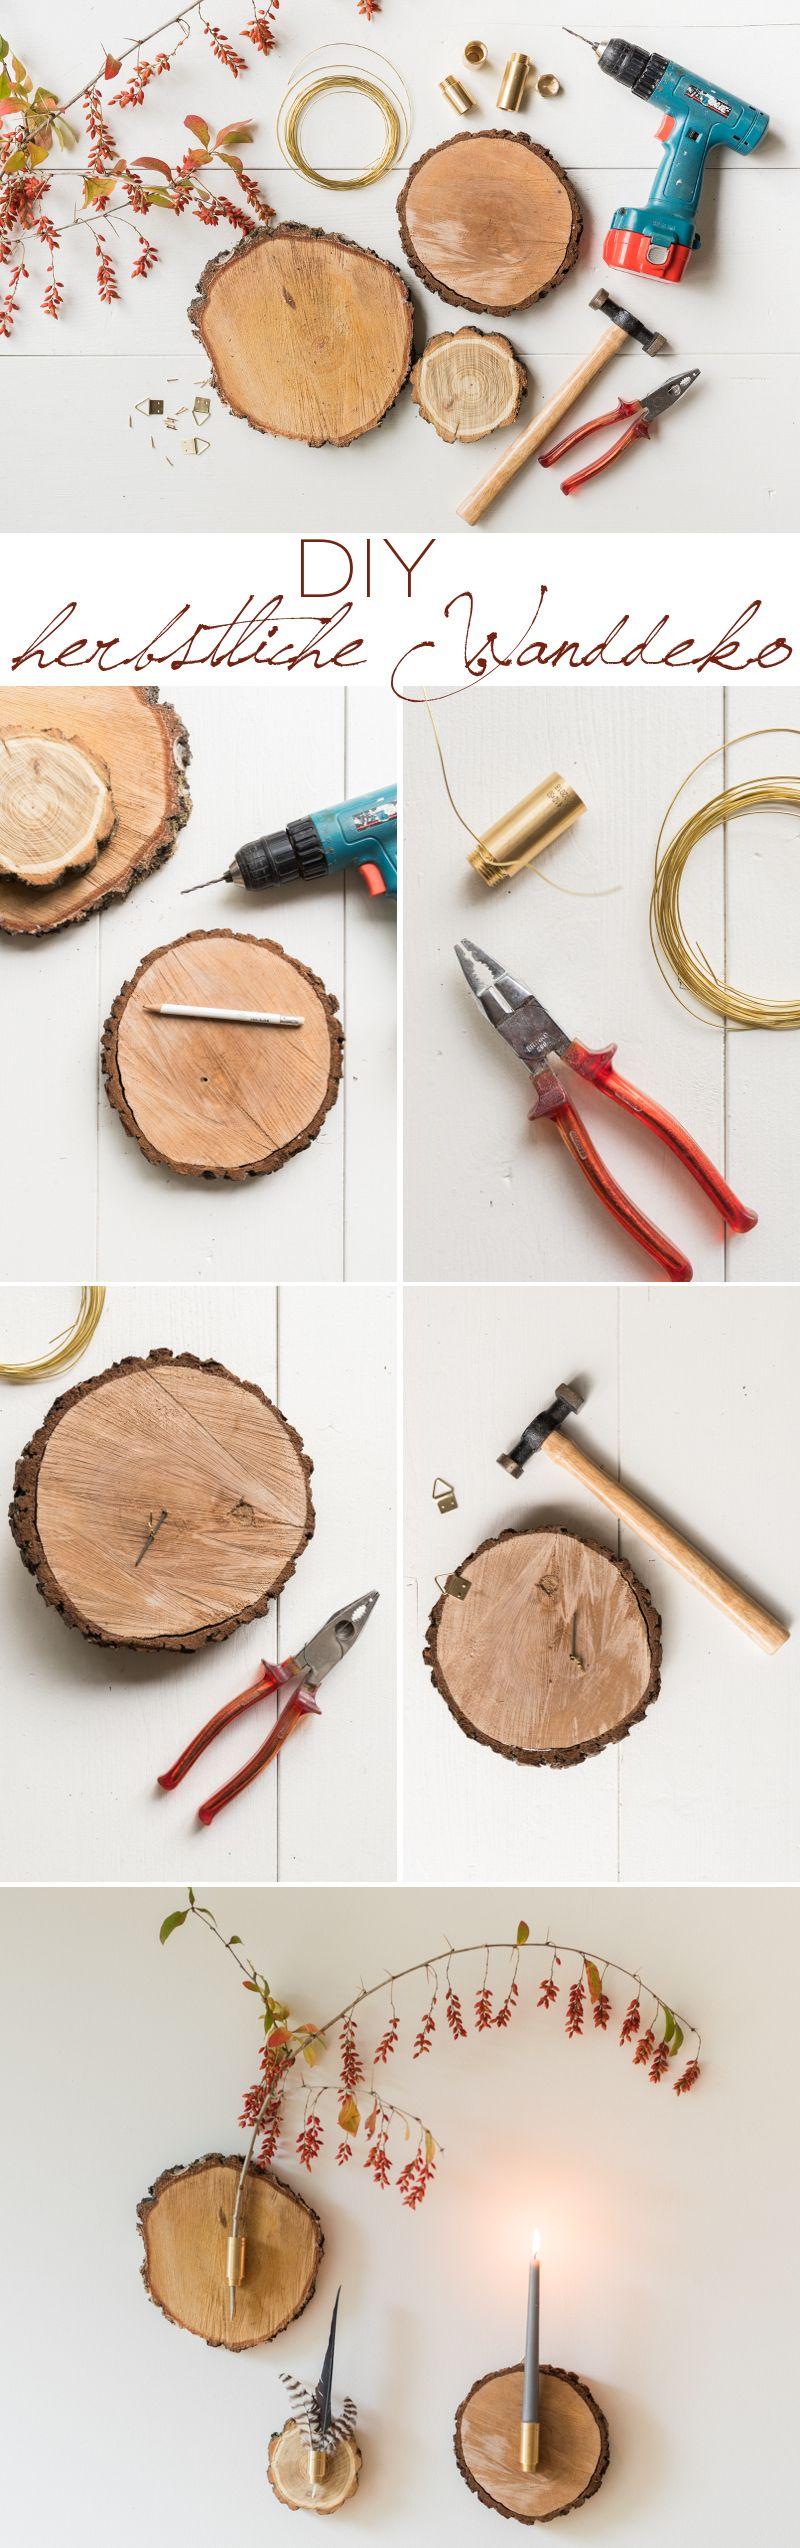 Trend DIY herbstliche Wanddeko aus Baumscheiben